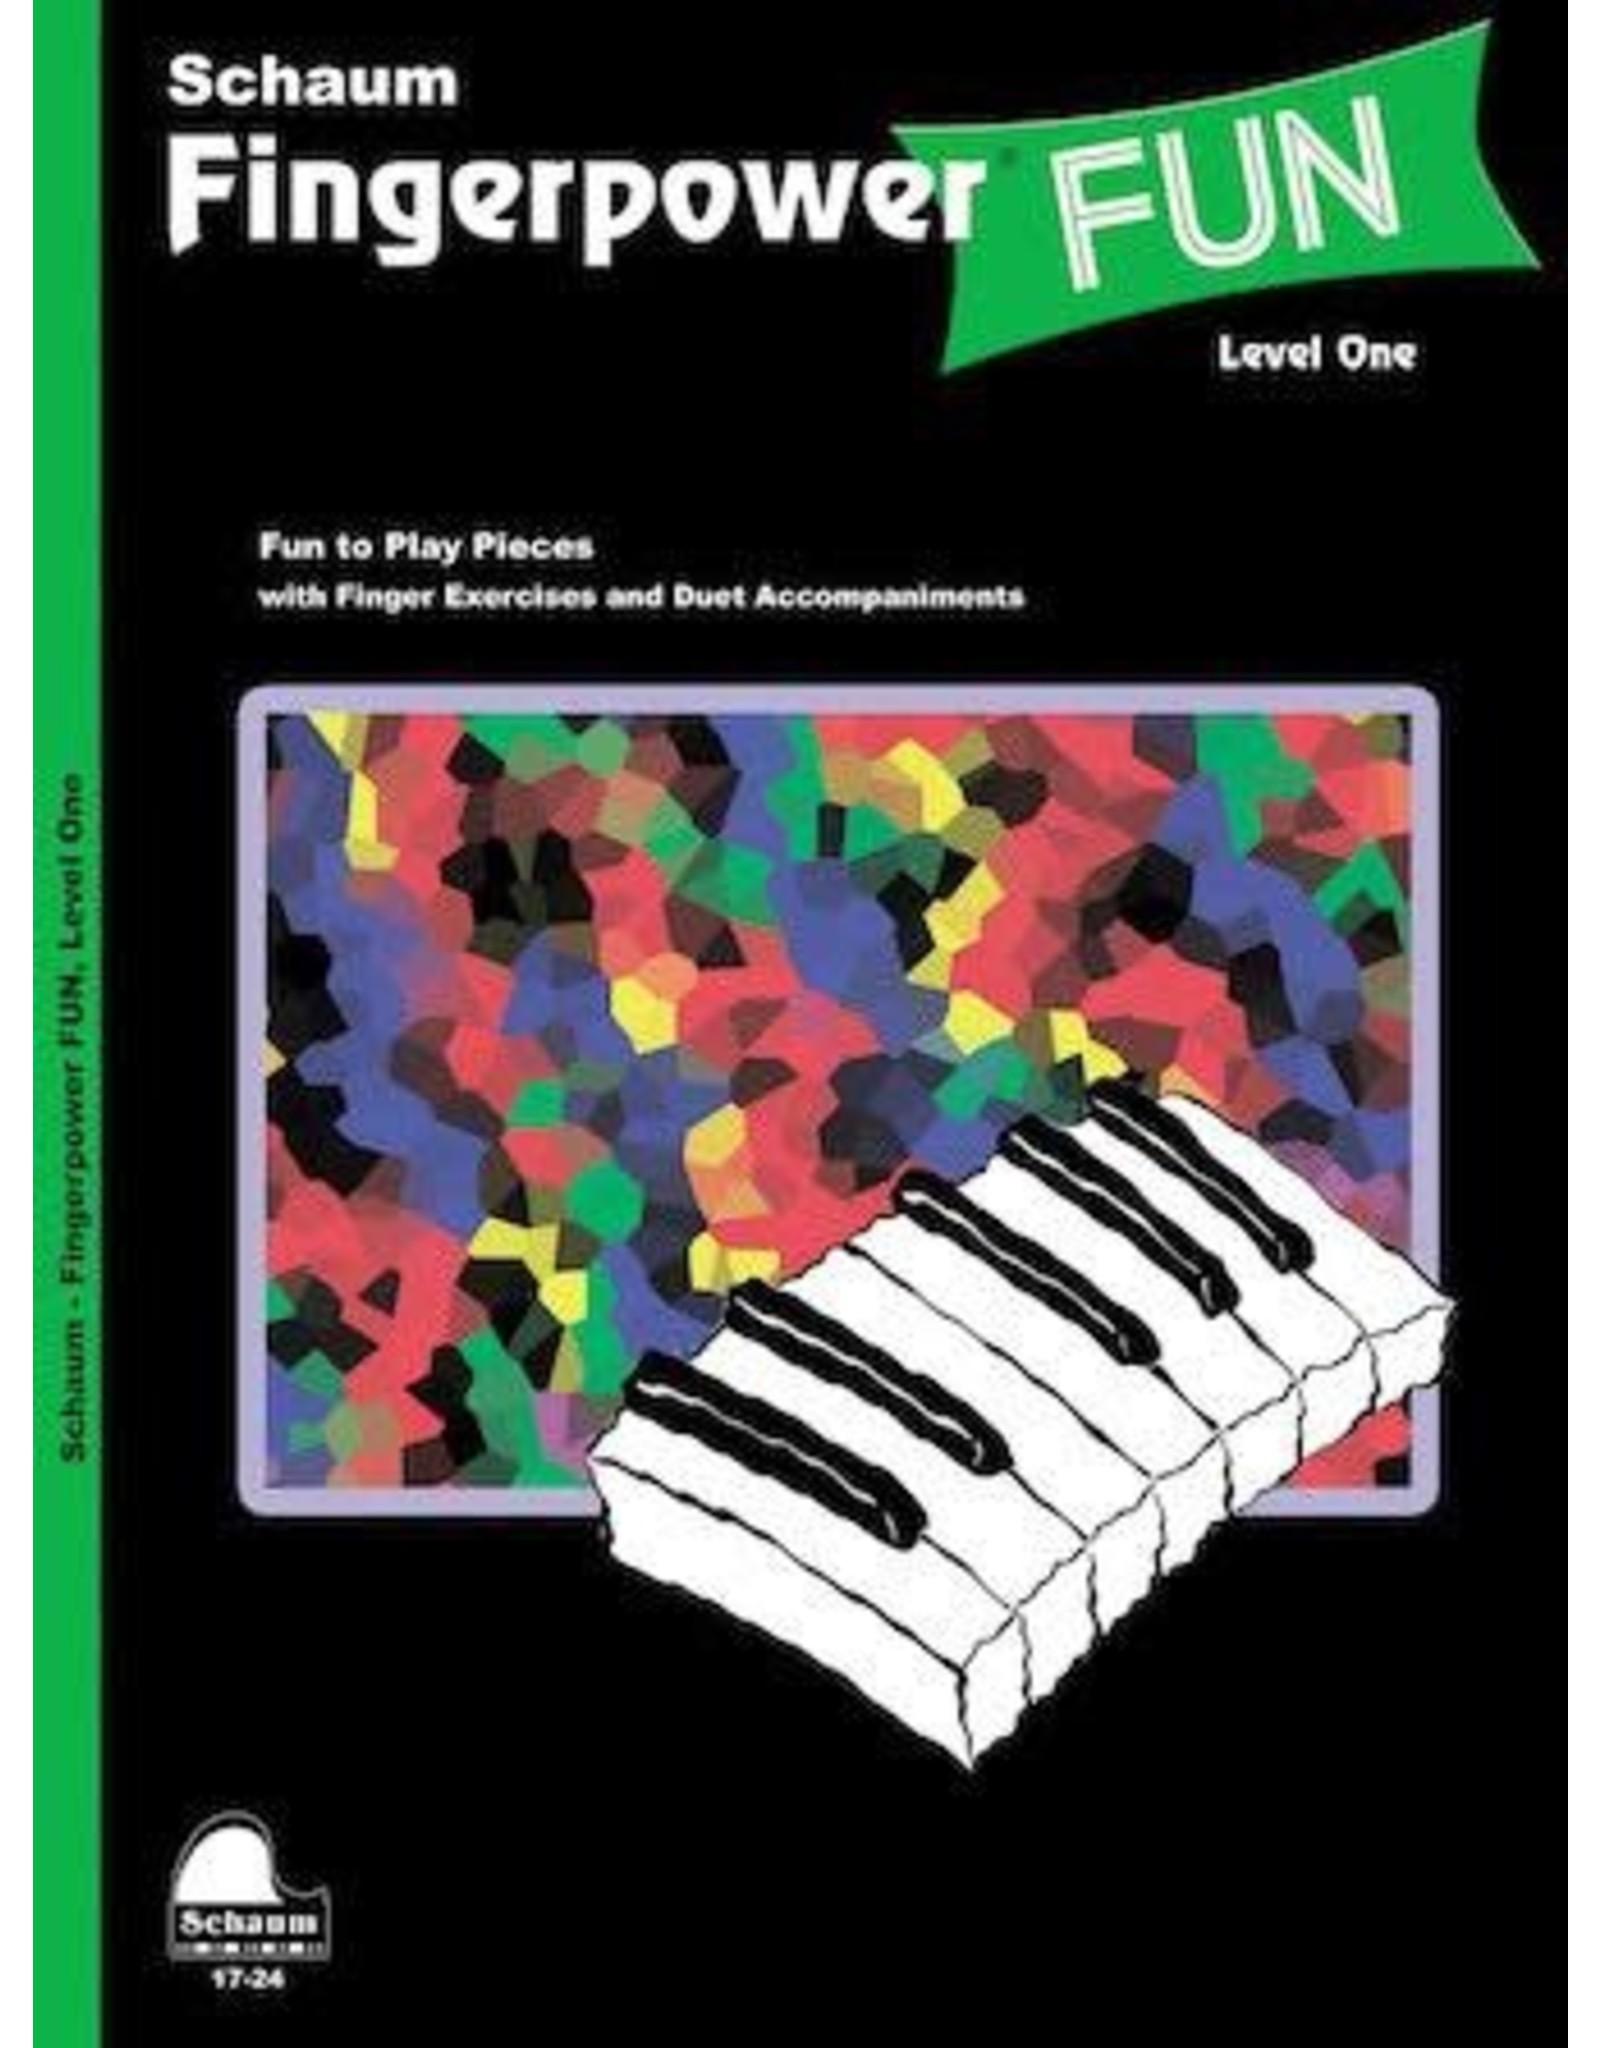 Hal Leonard Schaum Fingerpower Fun Level 1